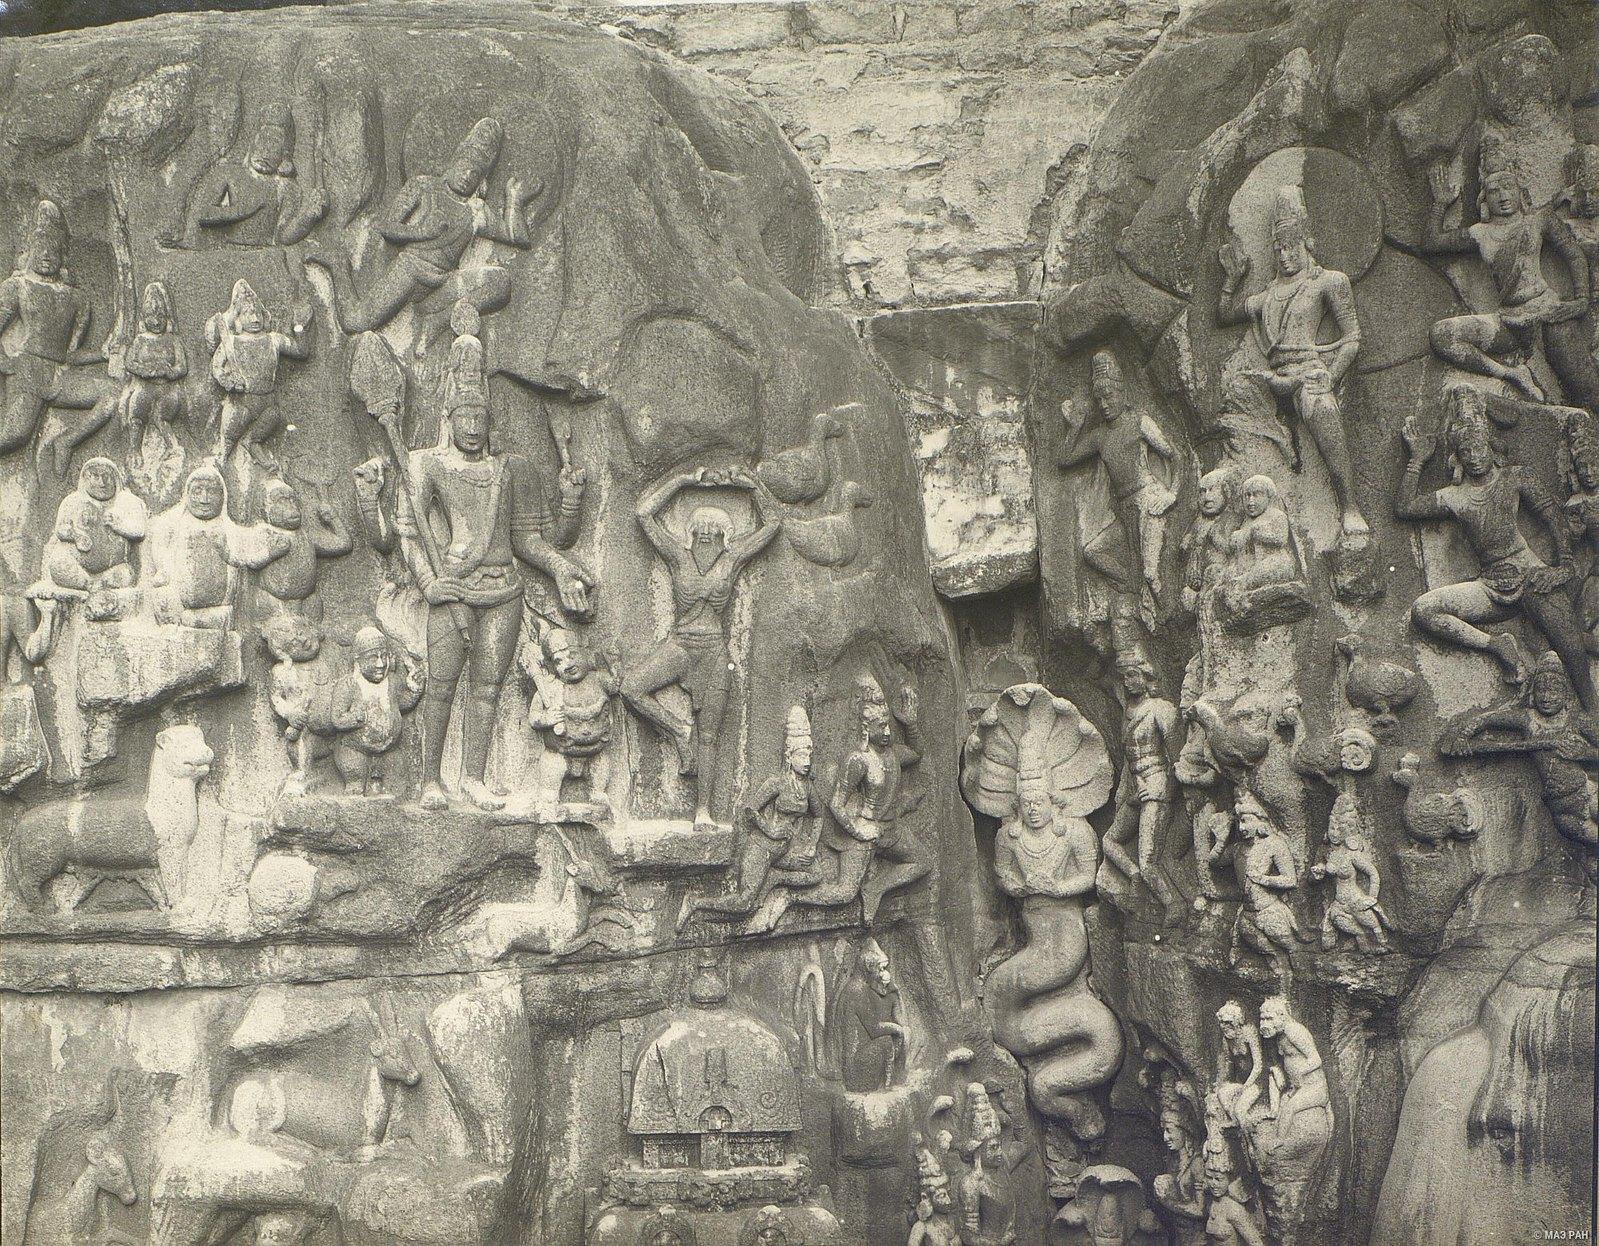 22. Мамаллапур (детали рельефа «Шива со свитой» и «Арджуна в подвижничестве»)